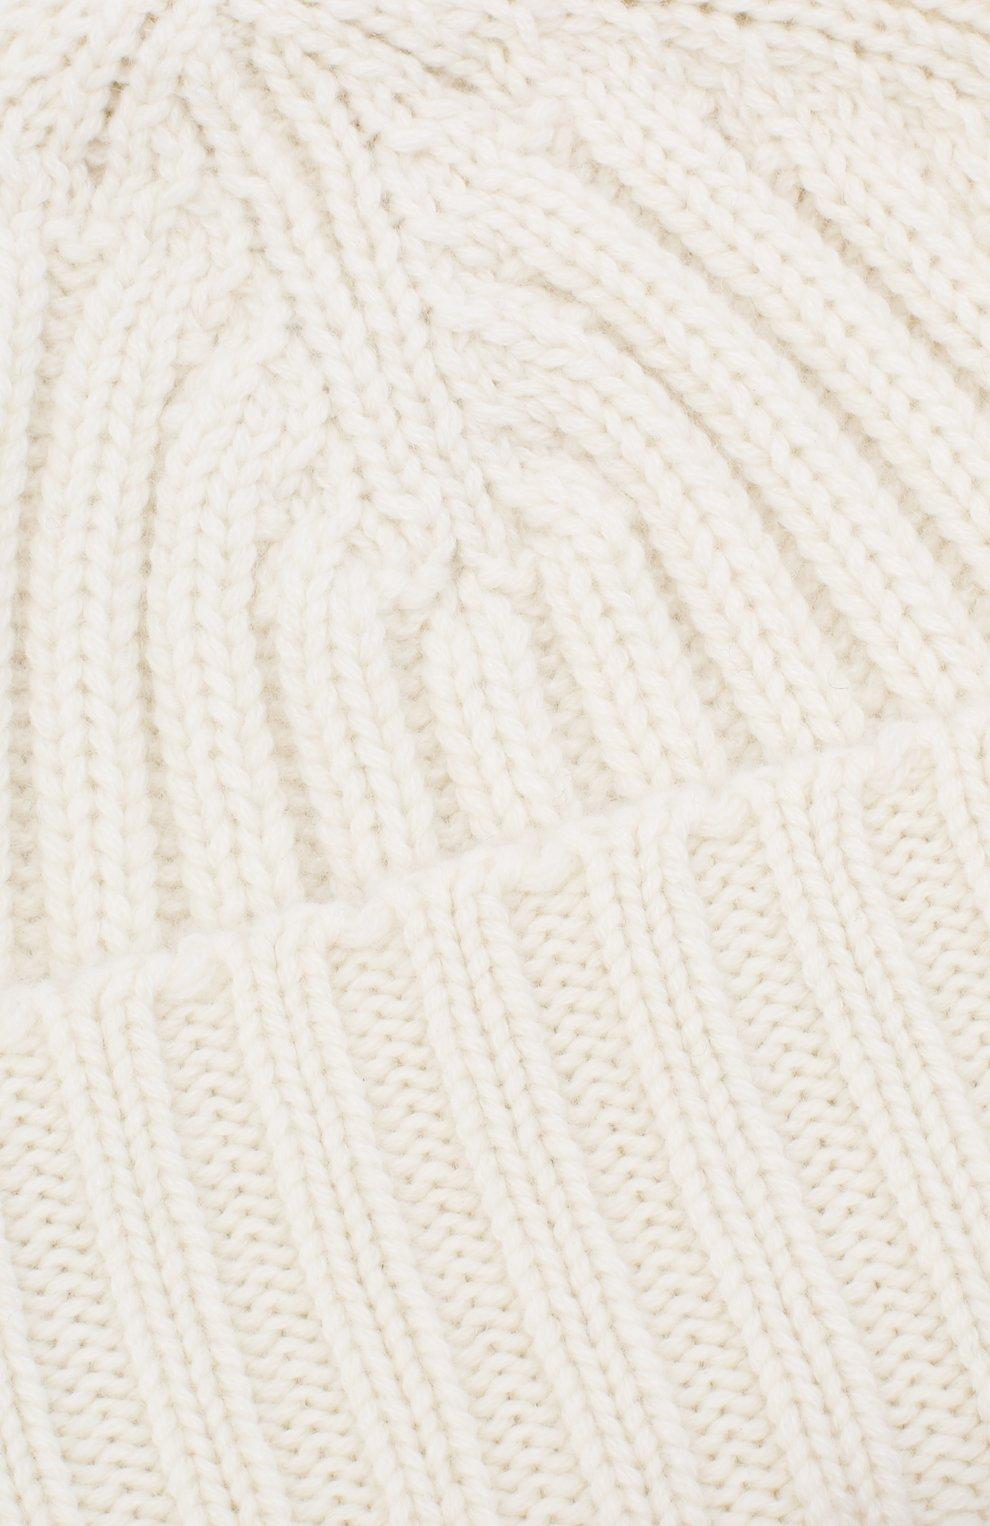 Мужская кашемировая шапка ALLUDE белого цвета, арт. 205/60050 | Фото 3 (Материал: Кашемир, Шерсть; Кросс-КТ: Трикотаж)